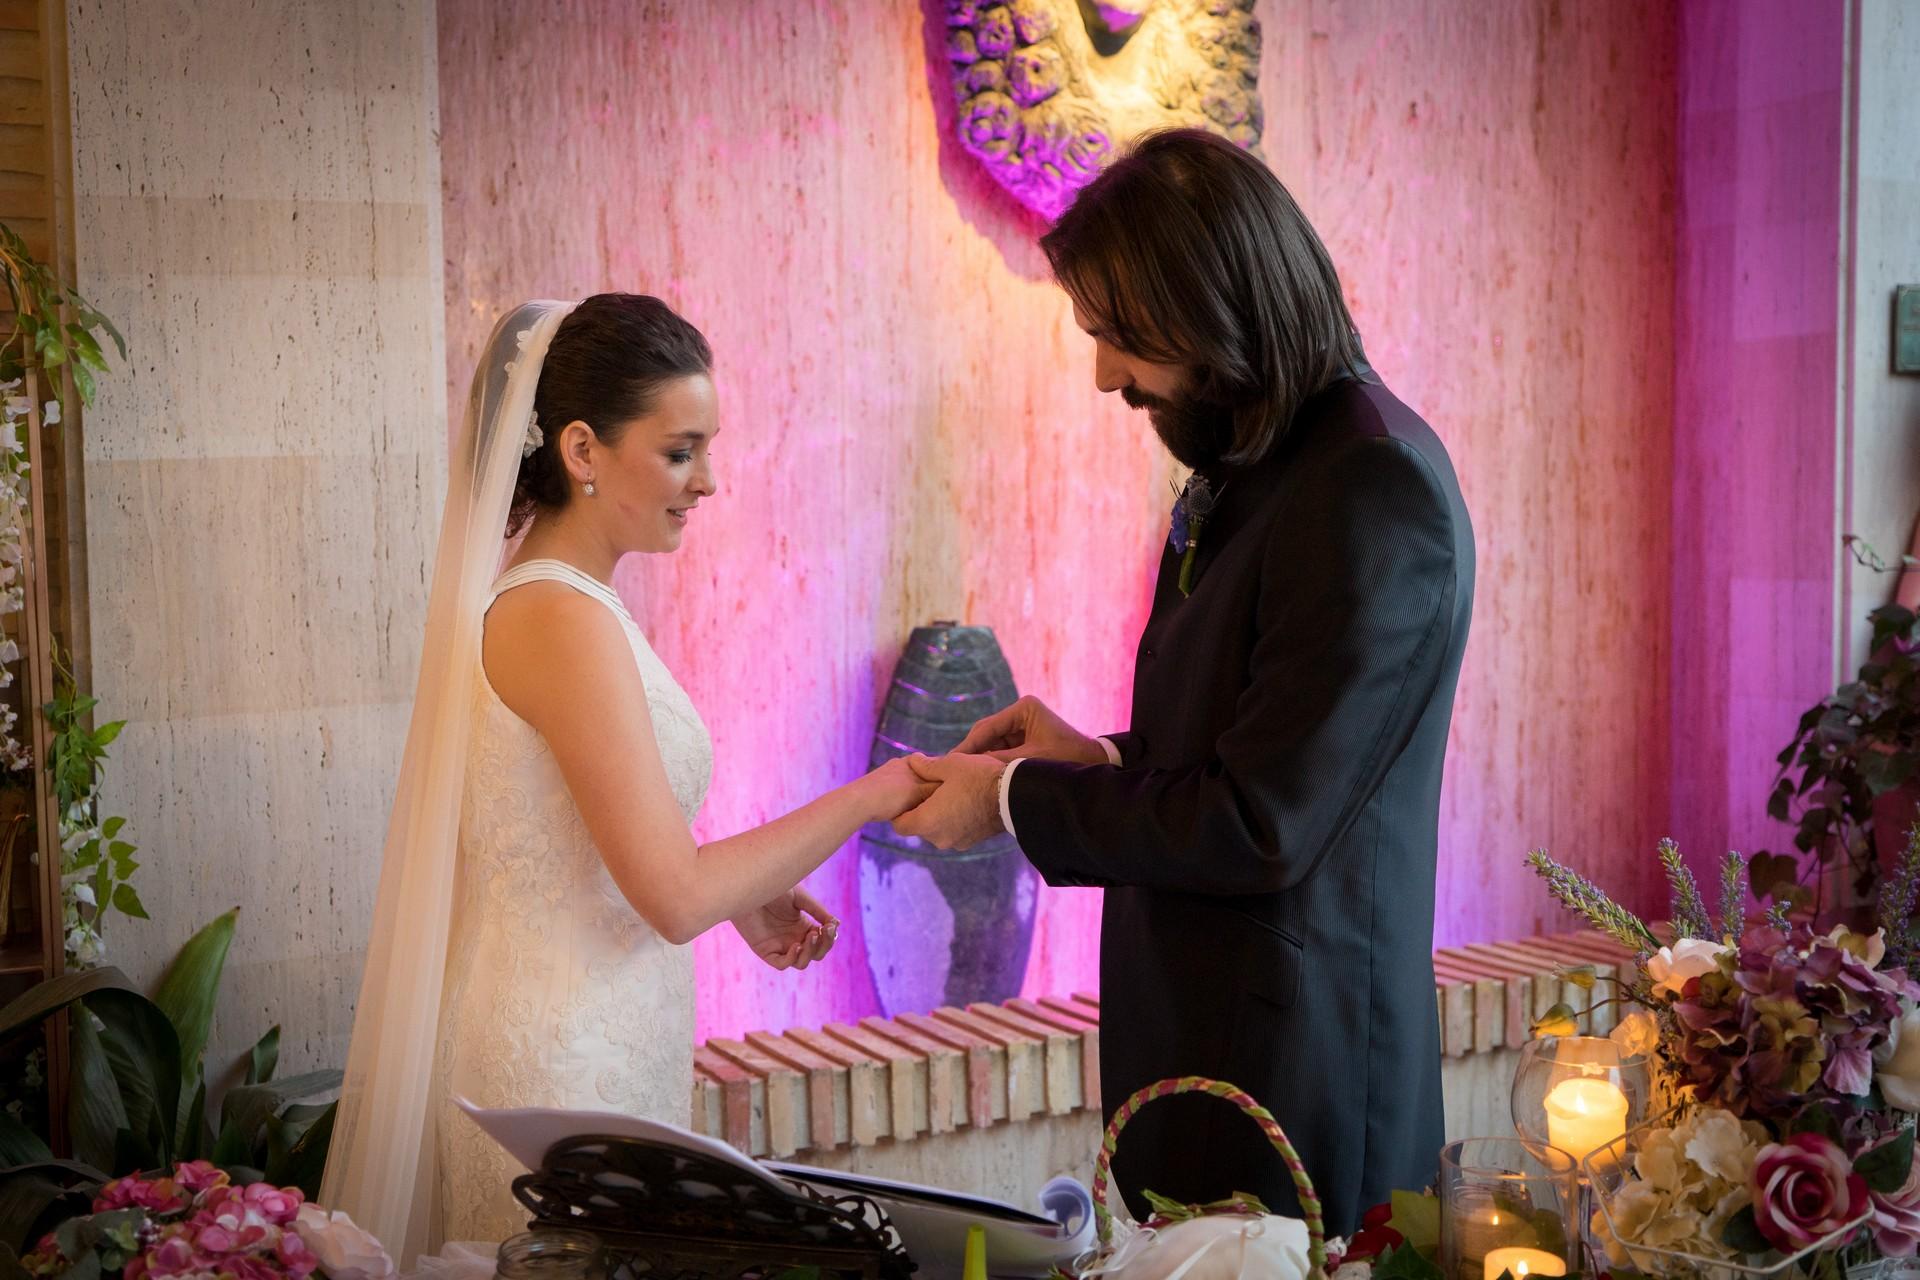 El novio poniendo el anillo a la novia como parte de la ceremonia de la boda. Torres & García estaba allí para grabar el vídeo y hacer las fotos de la boda.